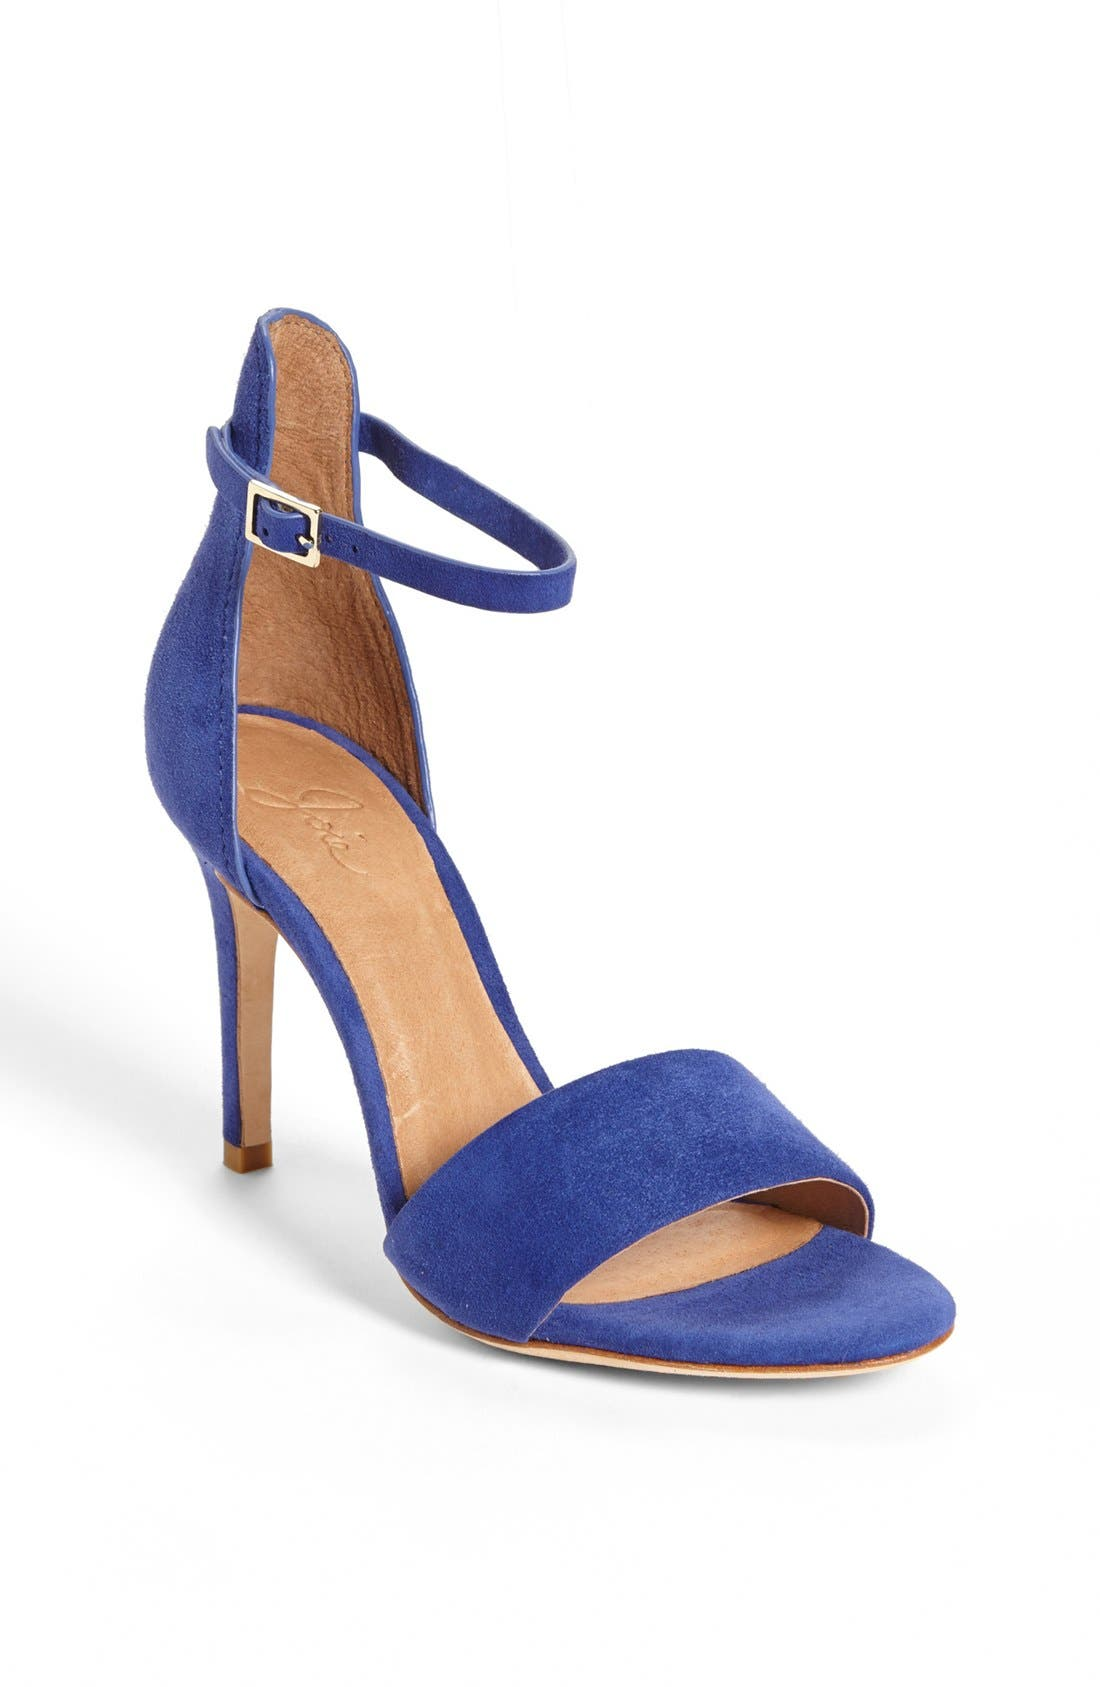 Alternate Image 1 Selected - Joie 'Jaclyn' Suede Sandal